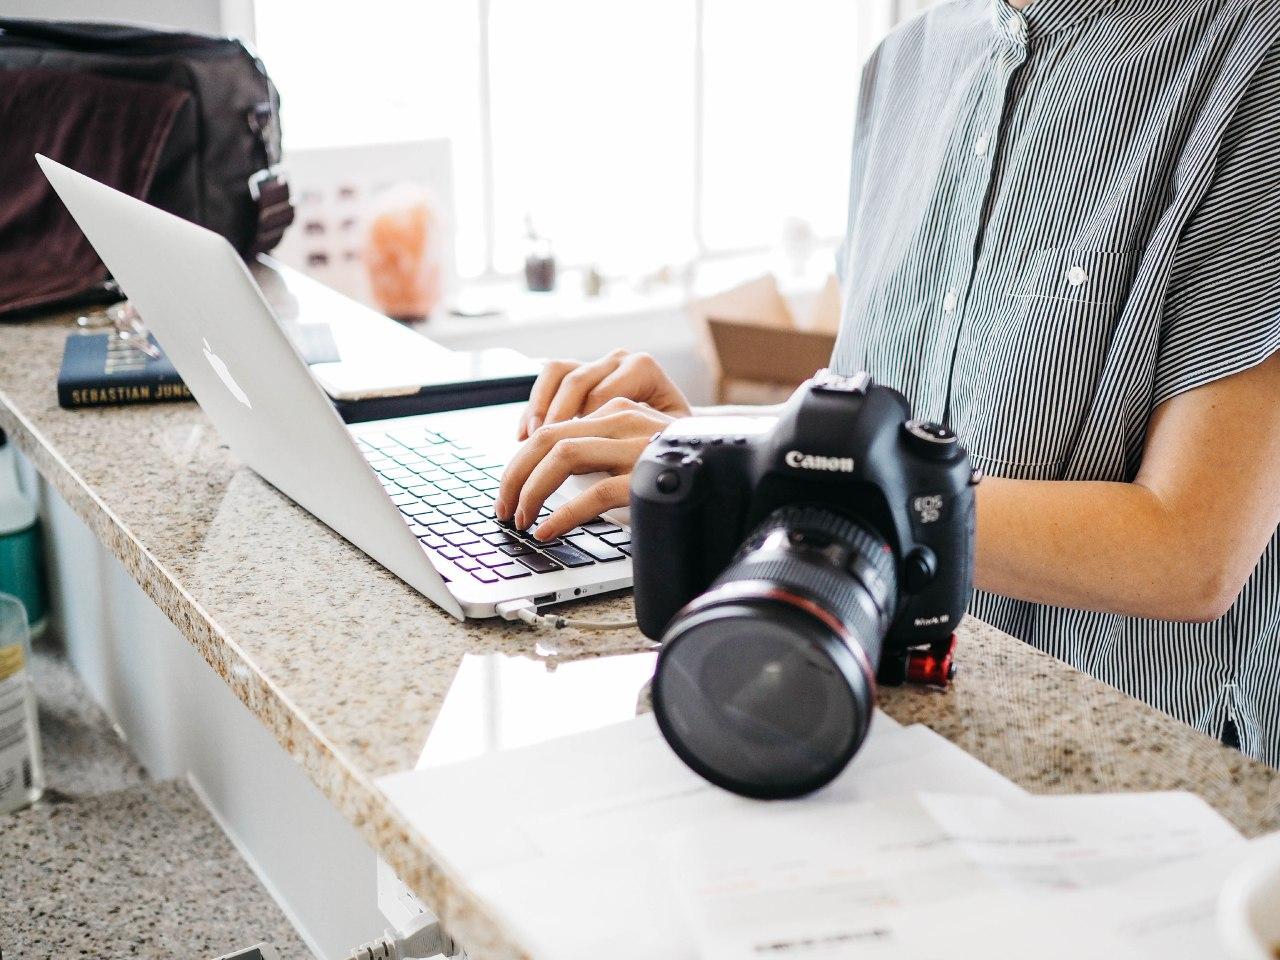 фотостудии вакансии помощник фотографа стандартных параметров